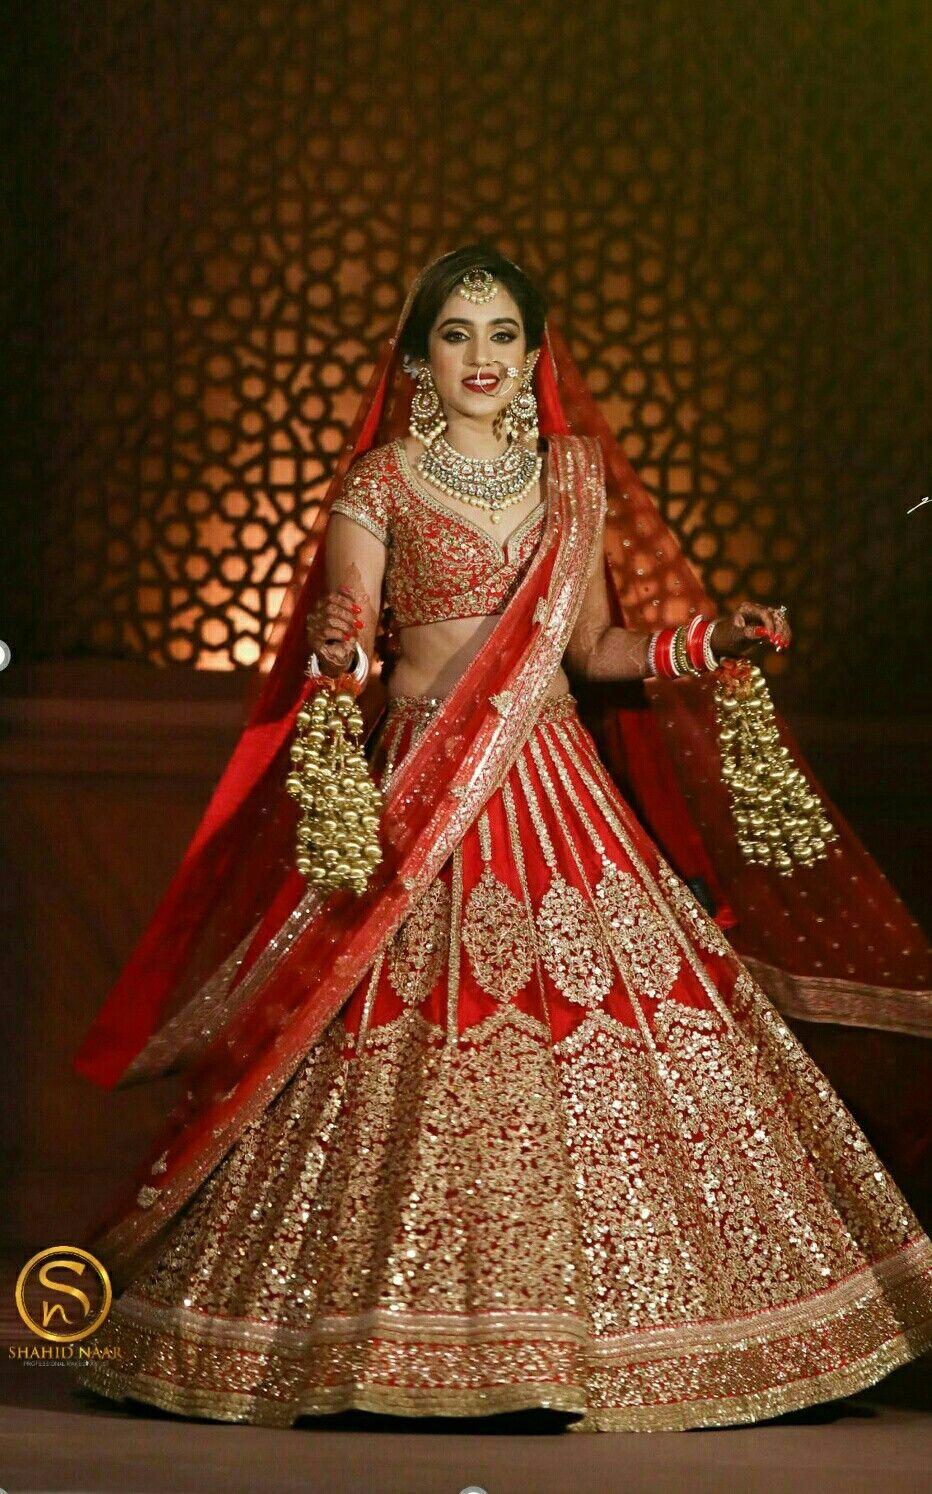 Pin de Shahid Naar en Bridal Makups | Pinterest